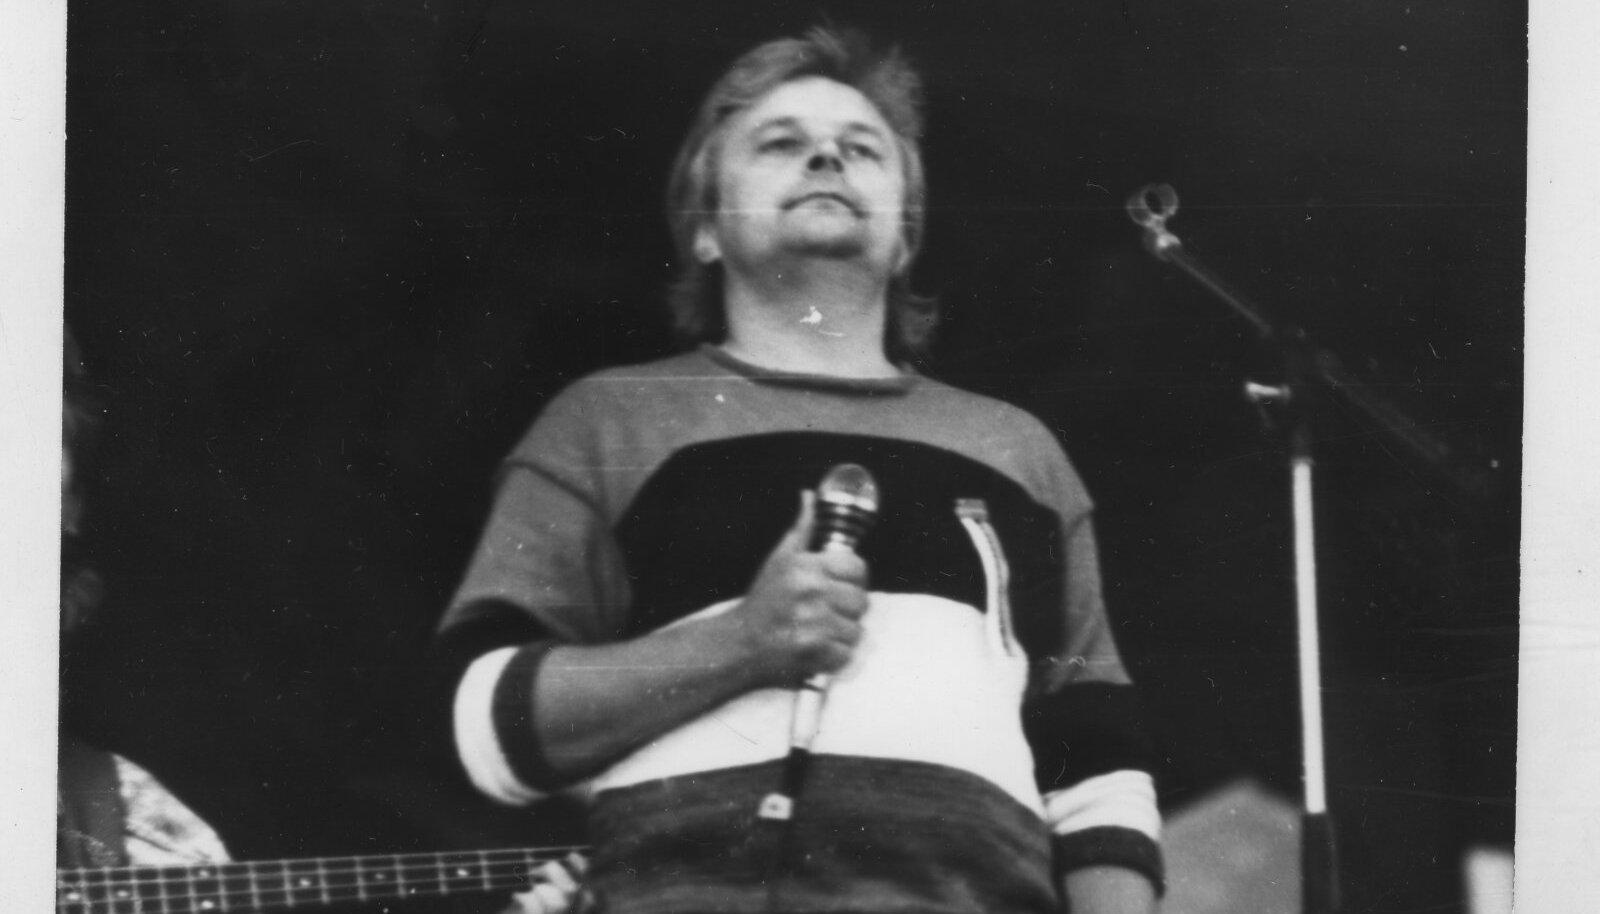 Ivo Linna Eestimaa Laulul, seljas sinimustvalge kampsun.